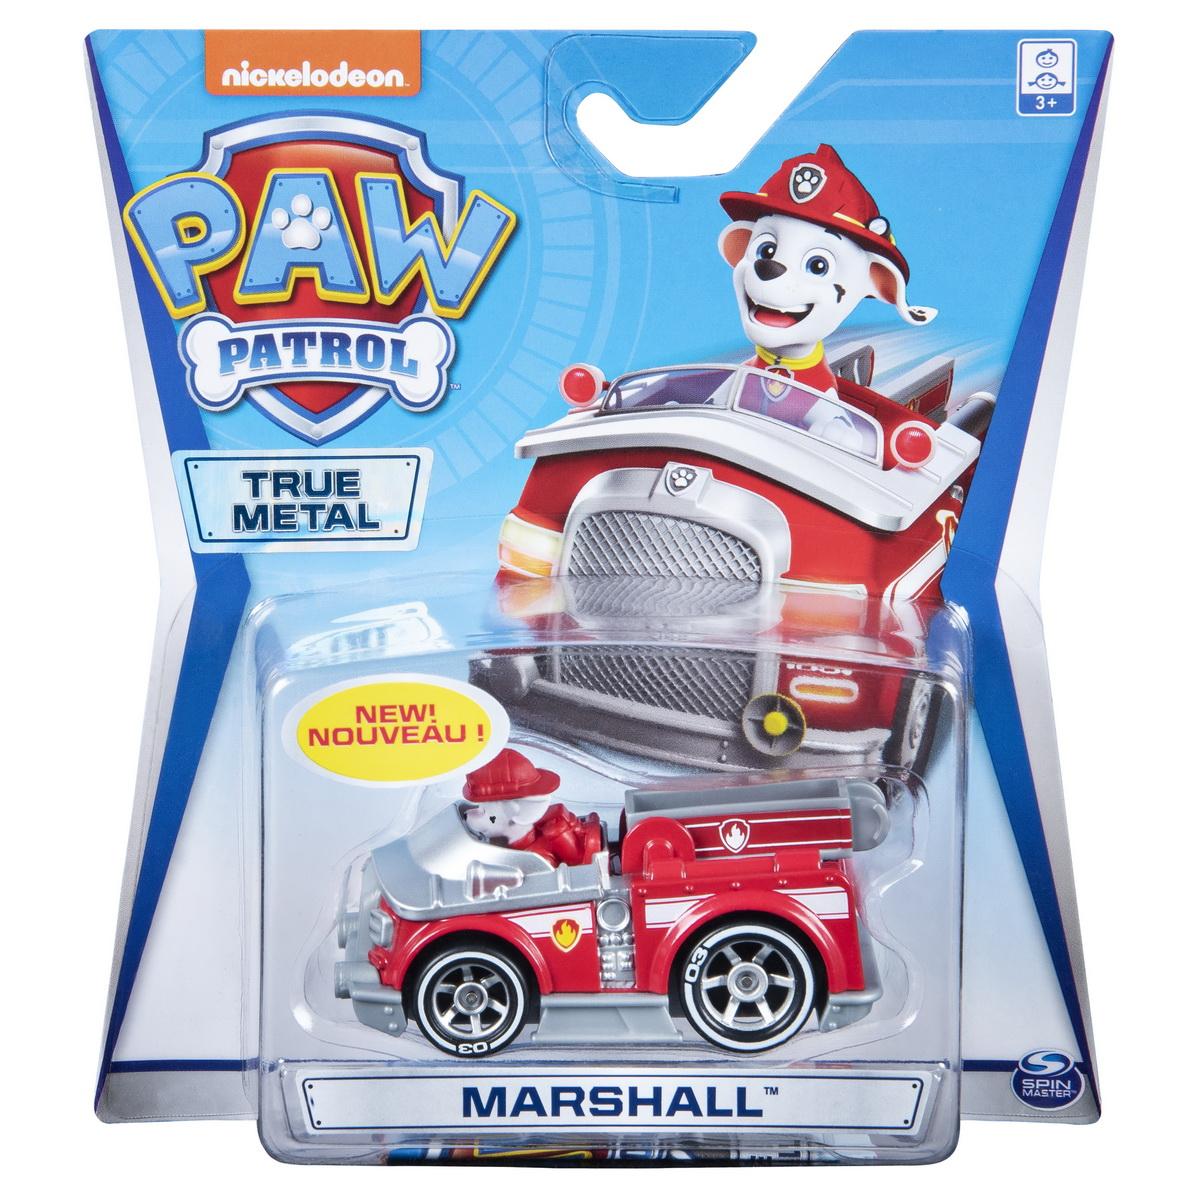 Masinuta cu figurina Paw Patrol True Metal, Marshall, 20127202